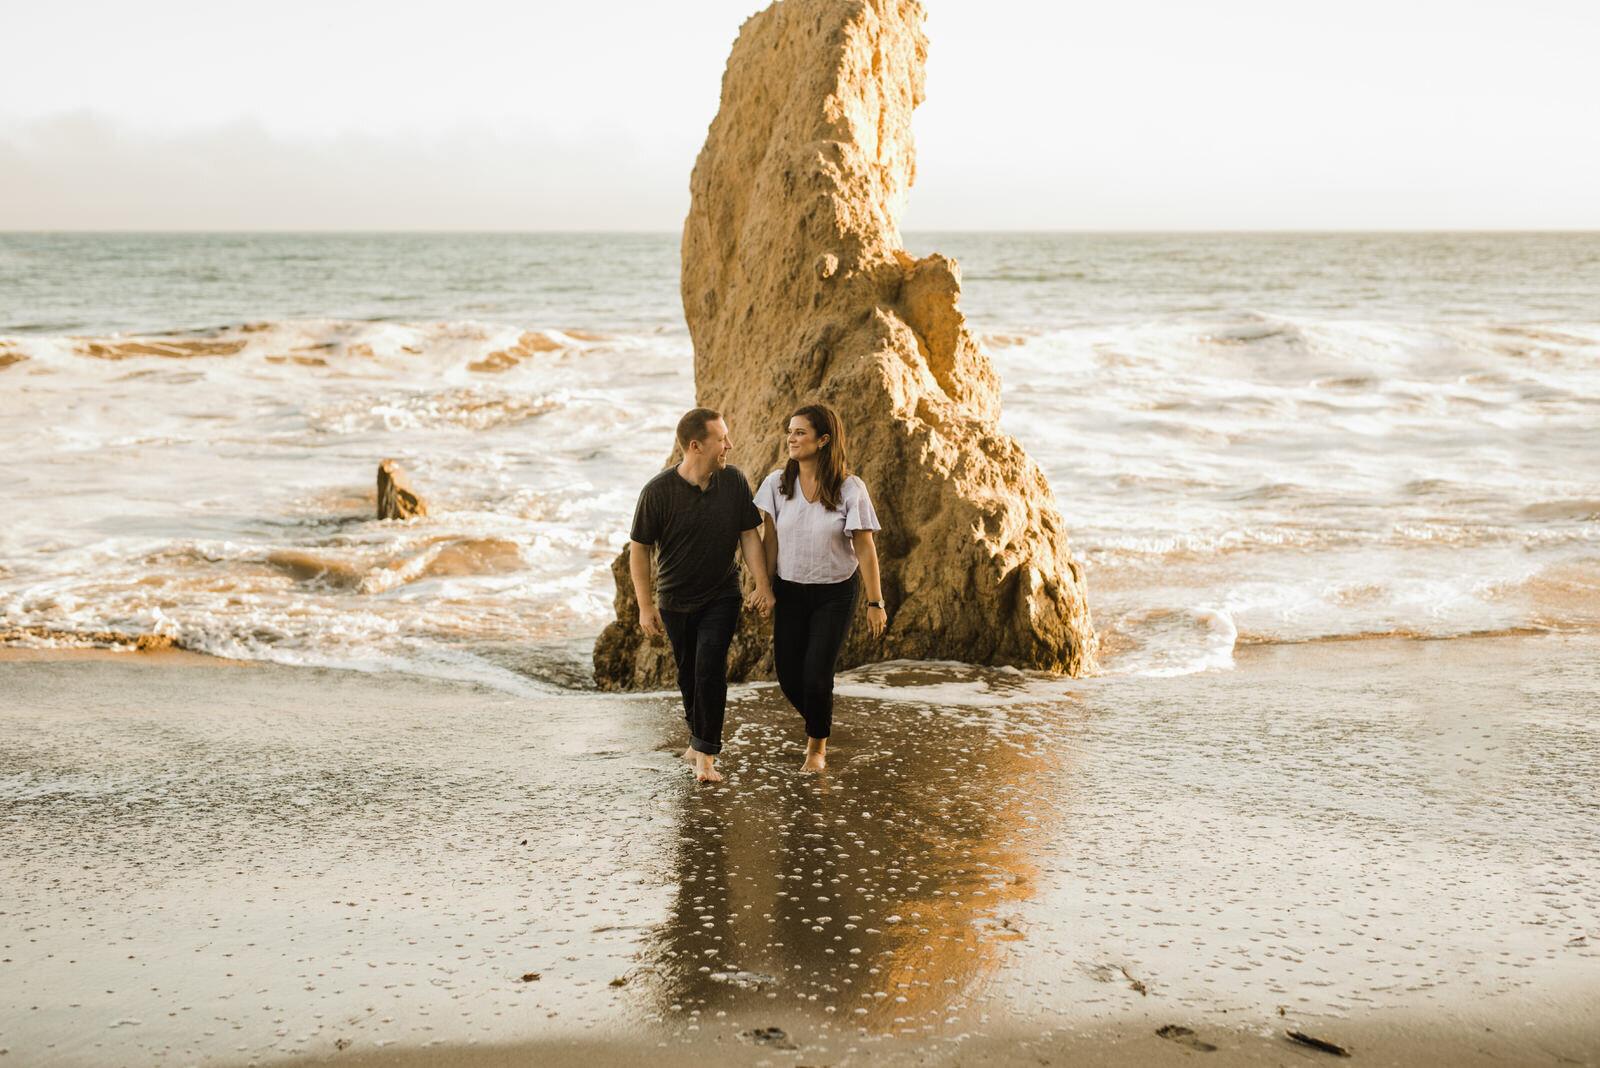 Playful, fun, romantic engagement photos at El Matador Beach